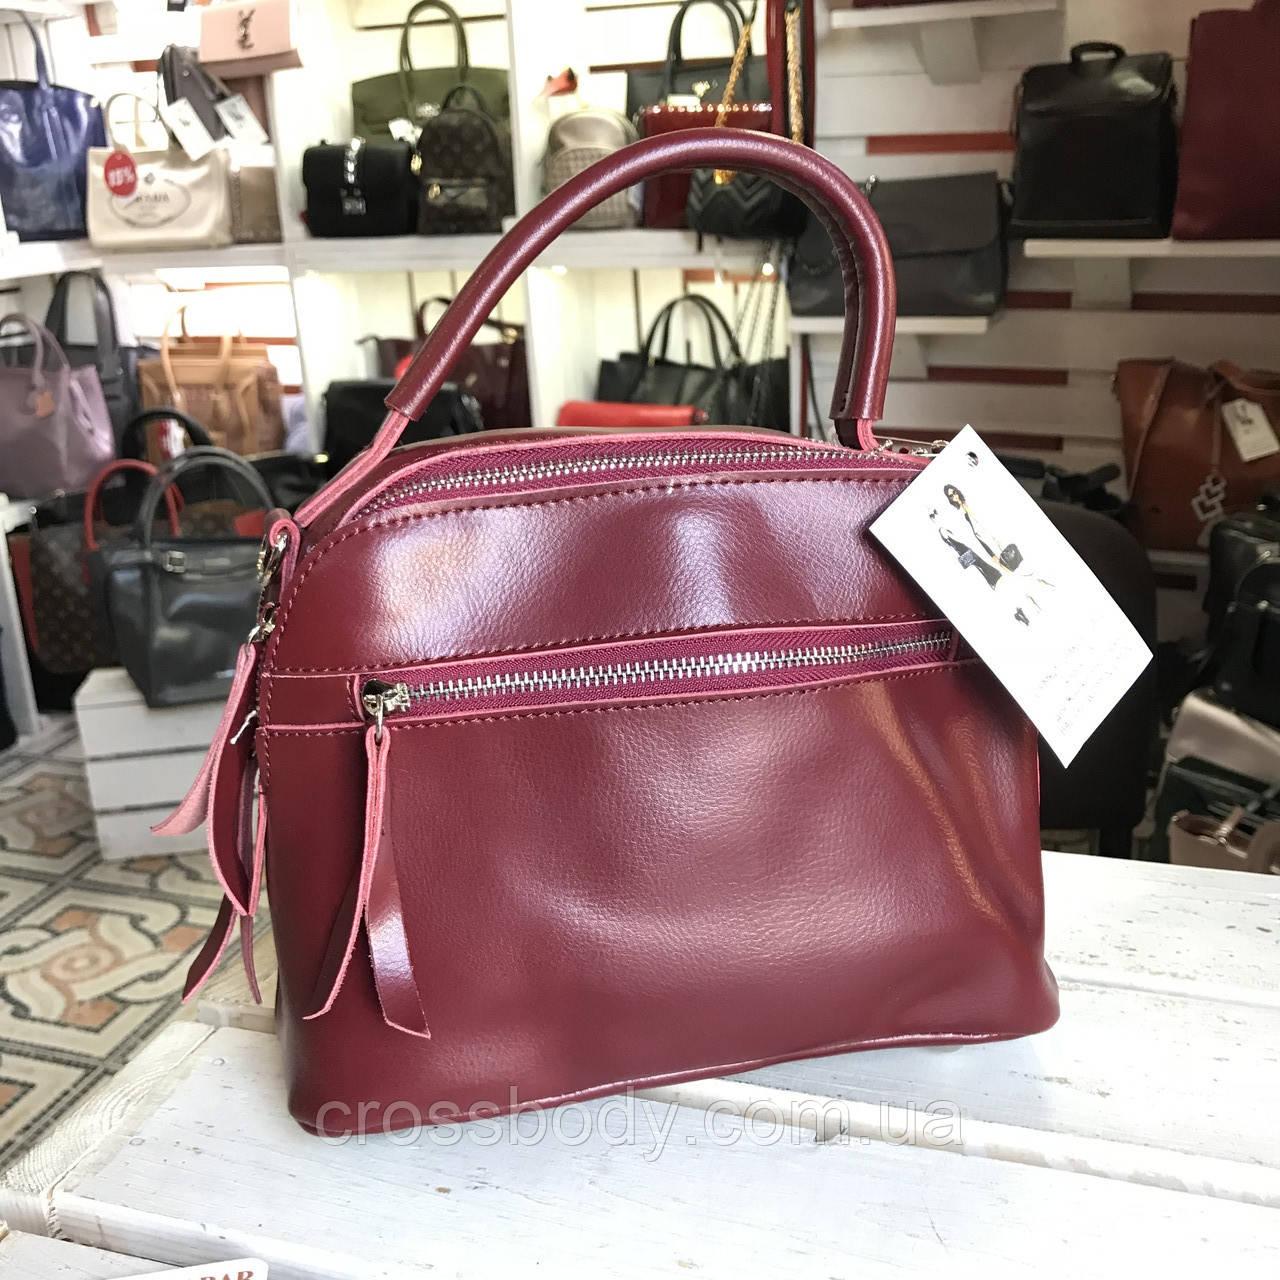 2711b5a9c35c Женская сумка кожаная , цена 999 грн., купить в Львове — Prom.ua (ID ...